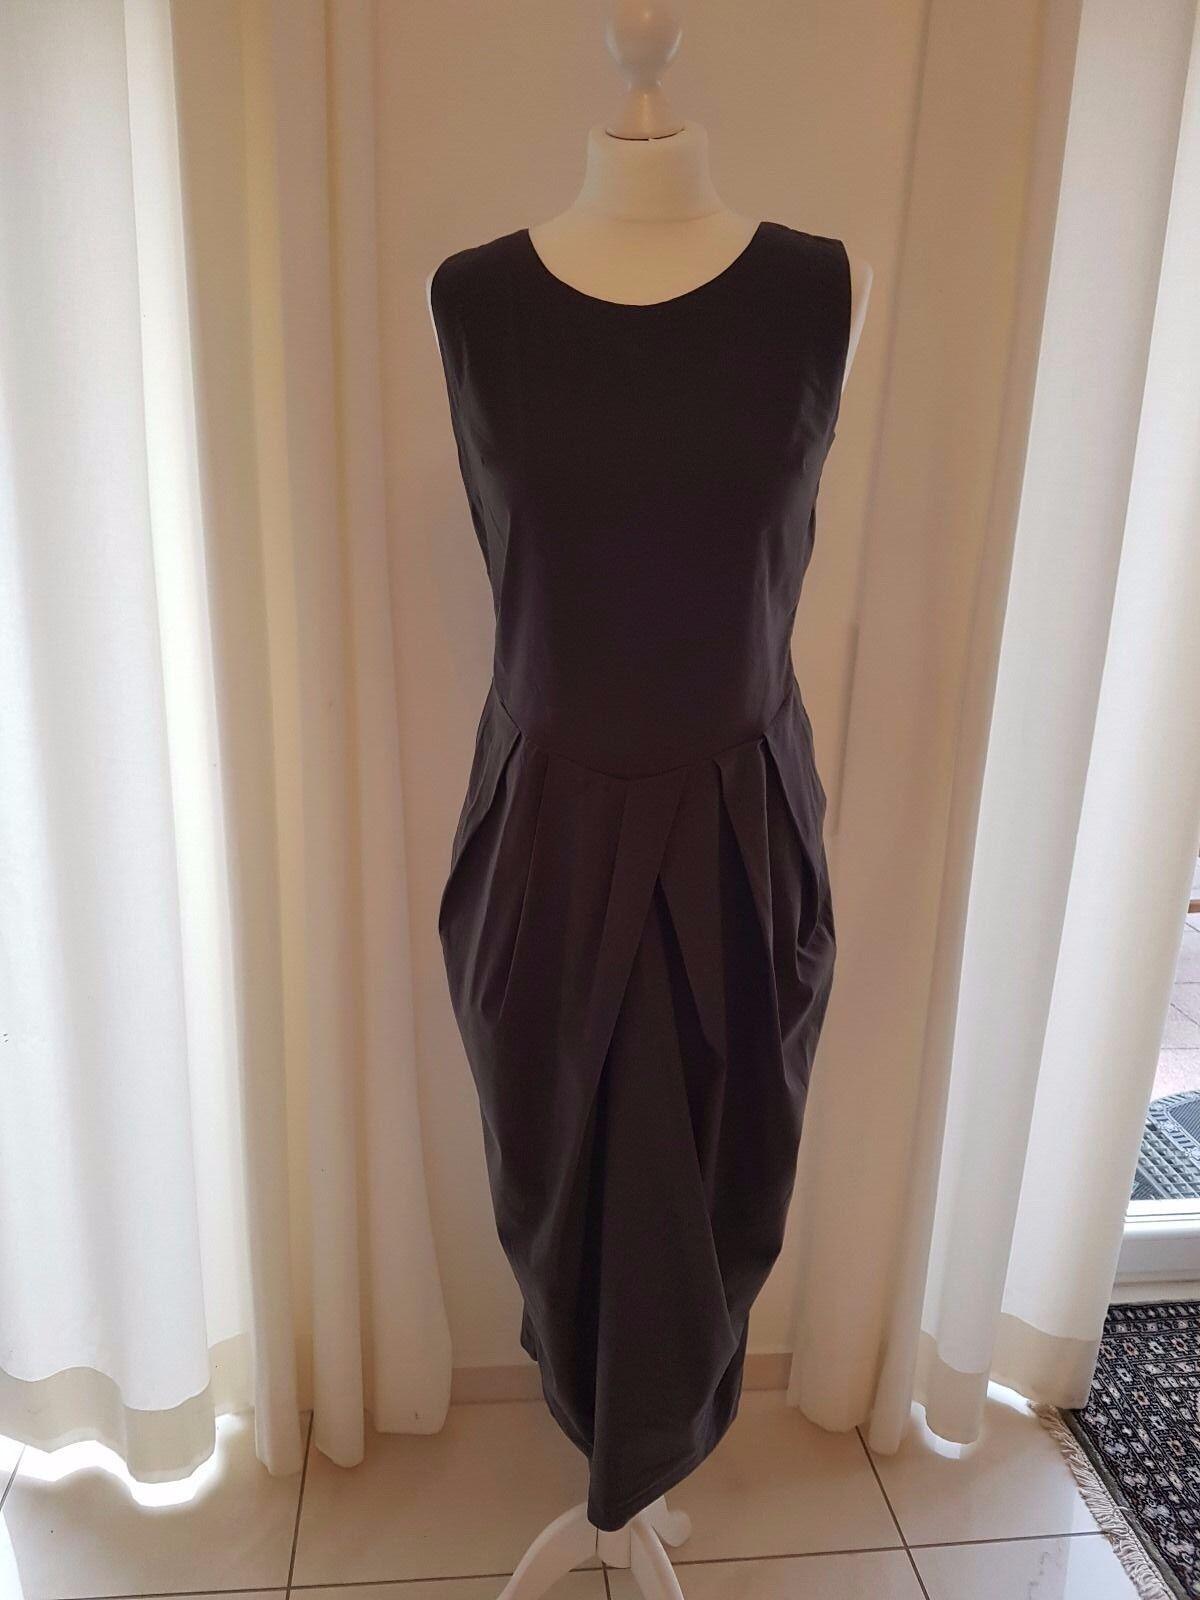 Kamuflage Lagenlook Kleid Diva o. Arm Gr 1 = 36 38 40 schlamm leichte Baumwolle